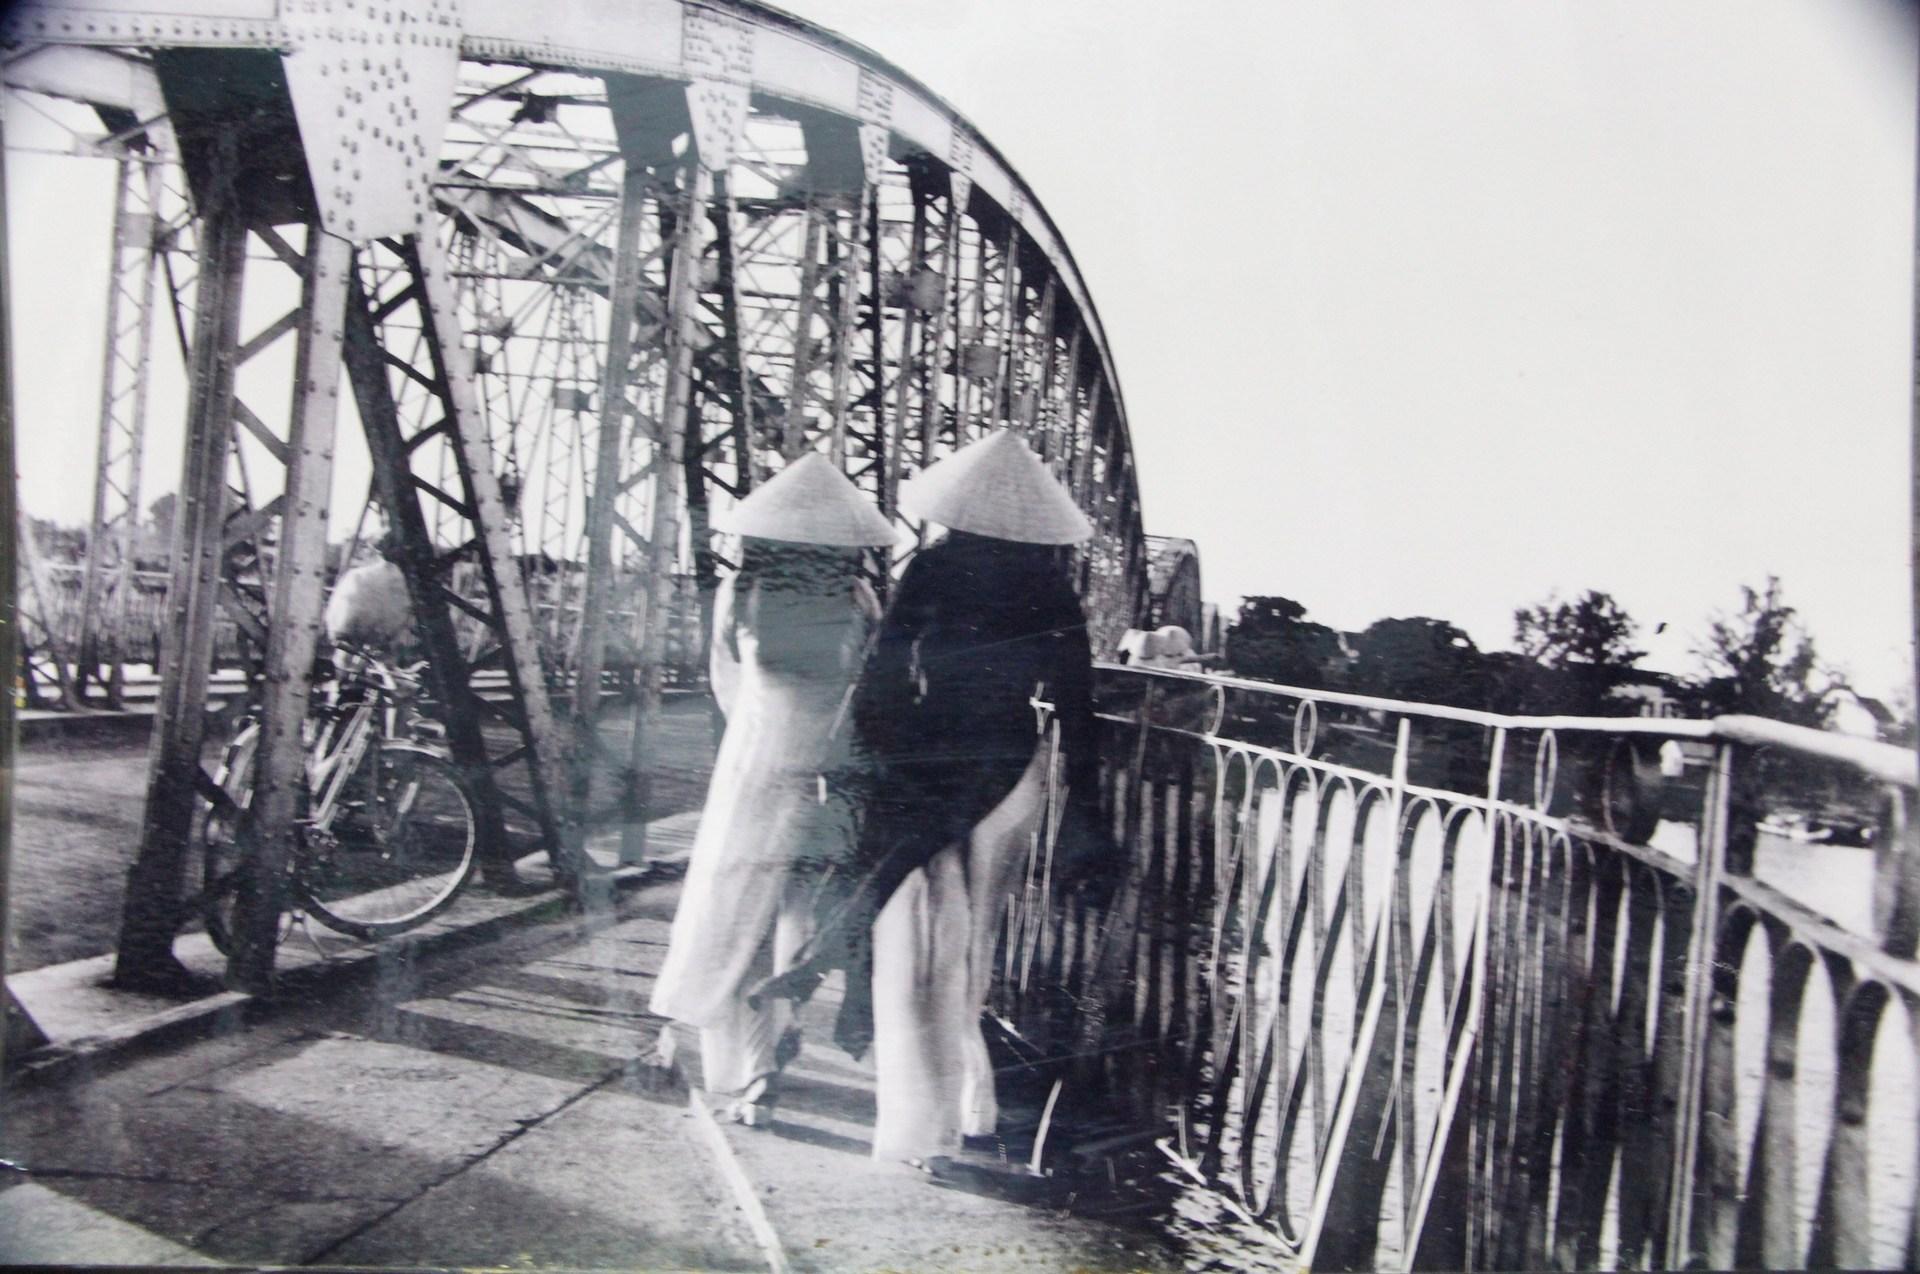 Cây cầu thế kỷ của xứ Huế MG-2192_1508335797_VnEx